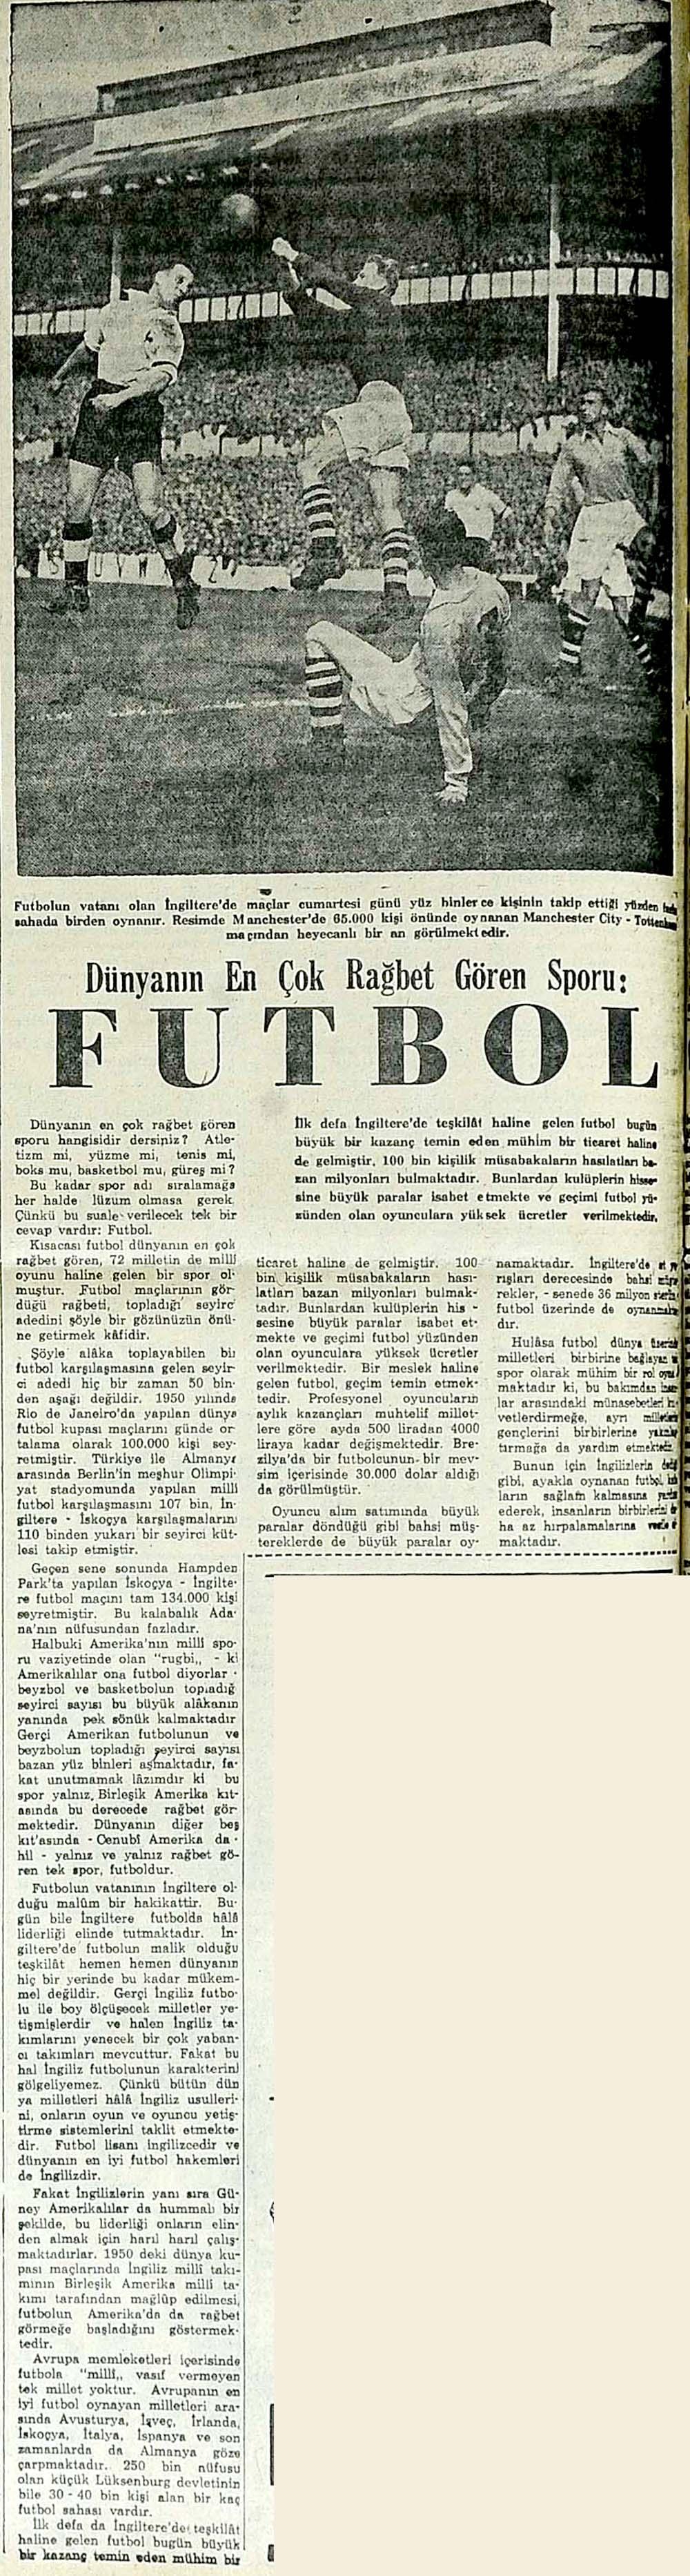 Dünyanın En Çok Rağbet Gören Sporu: Futbol